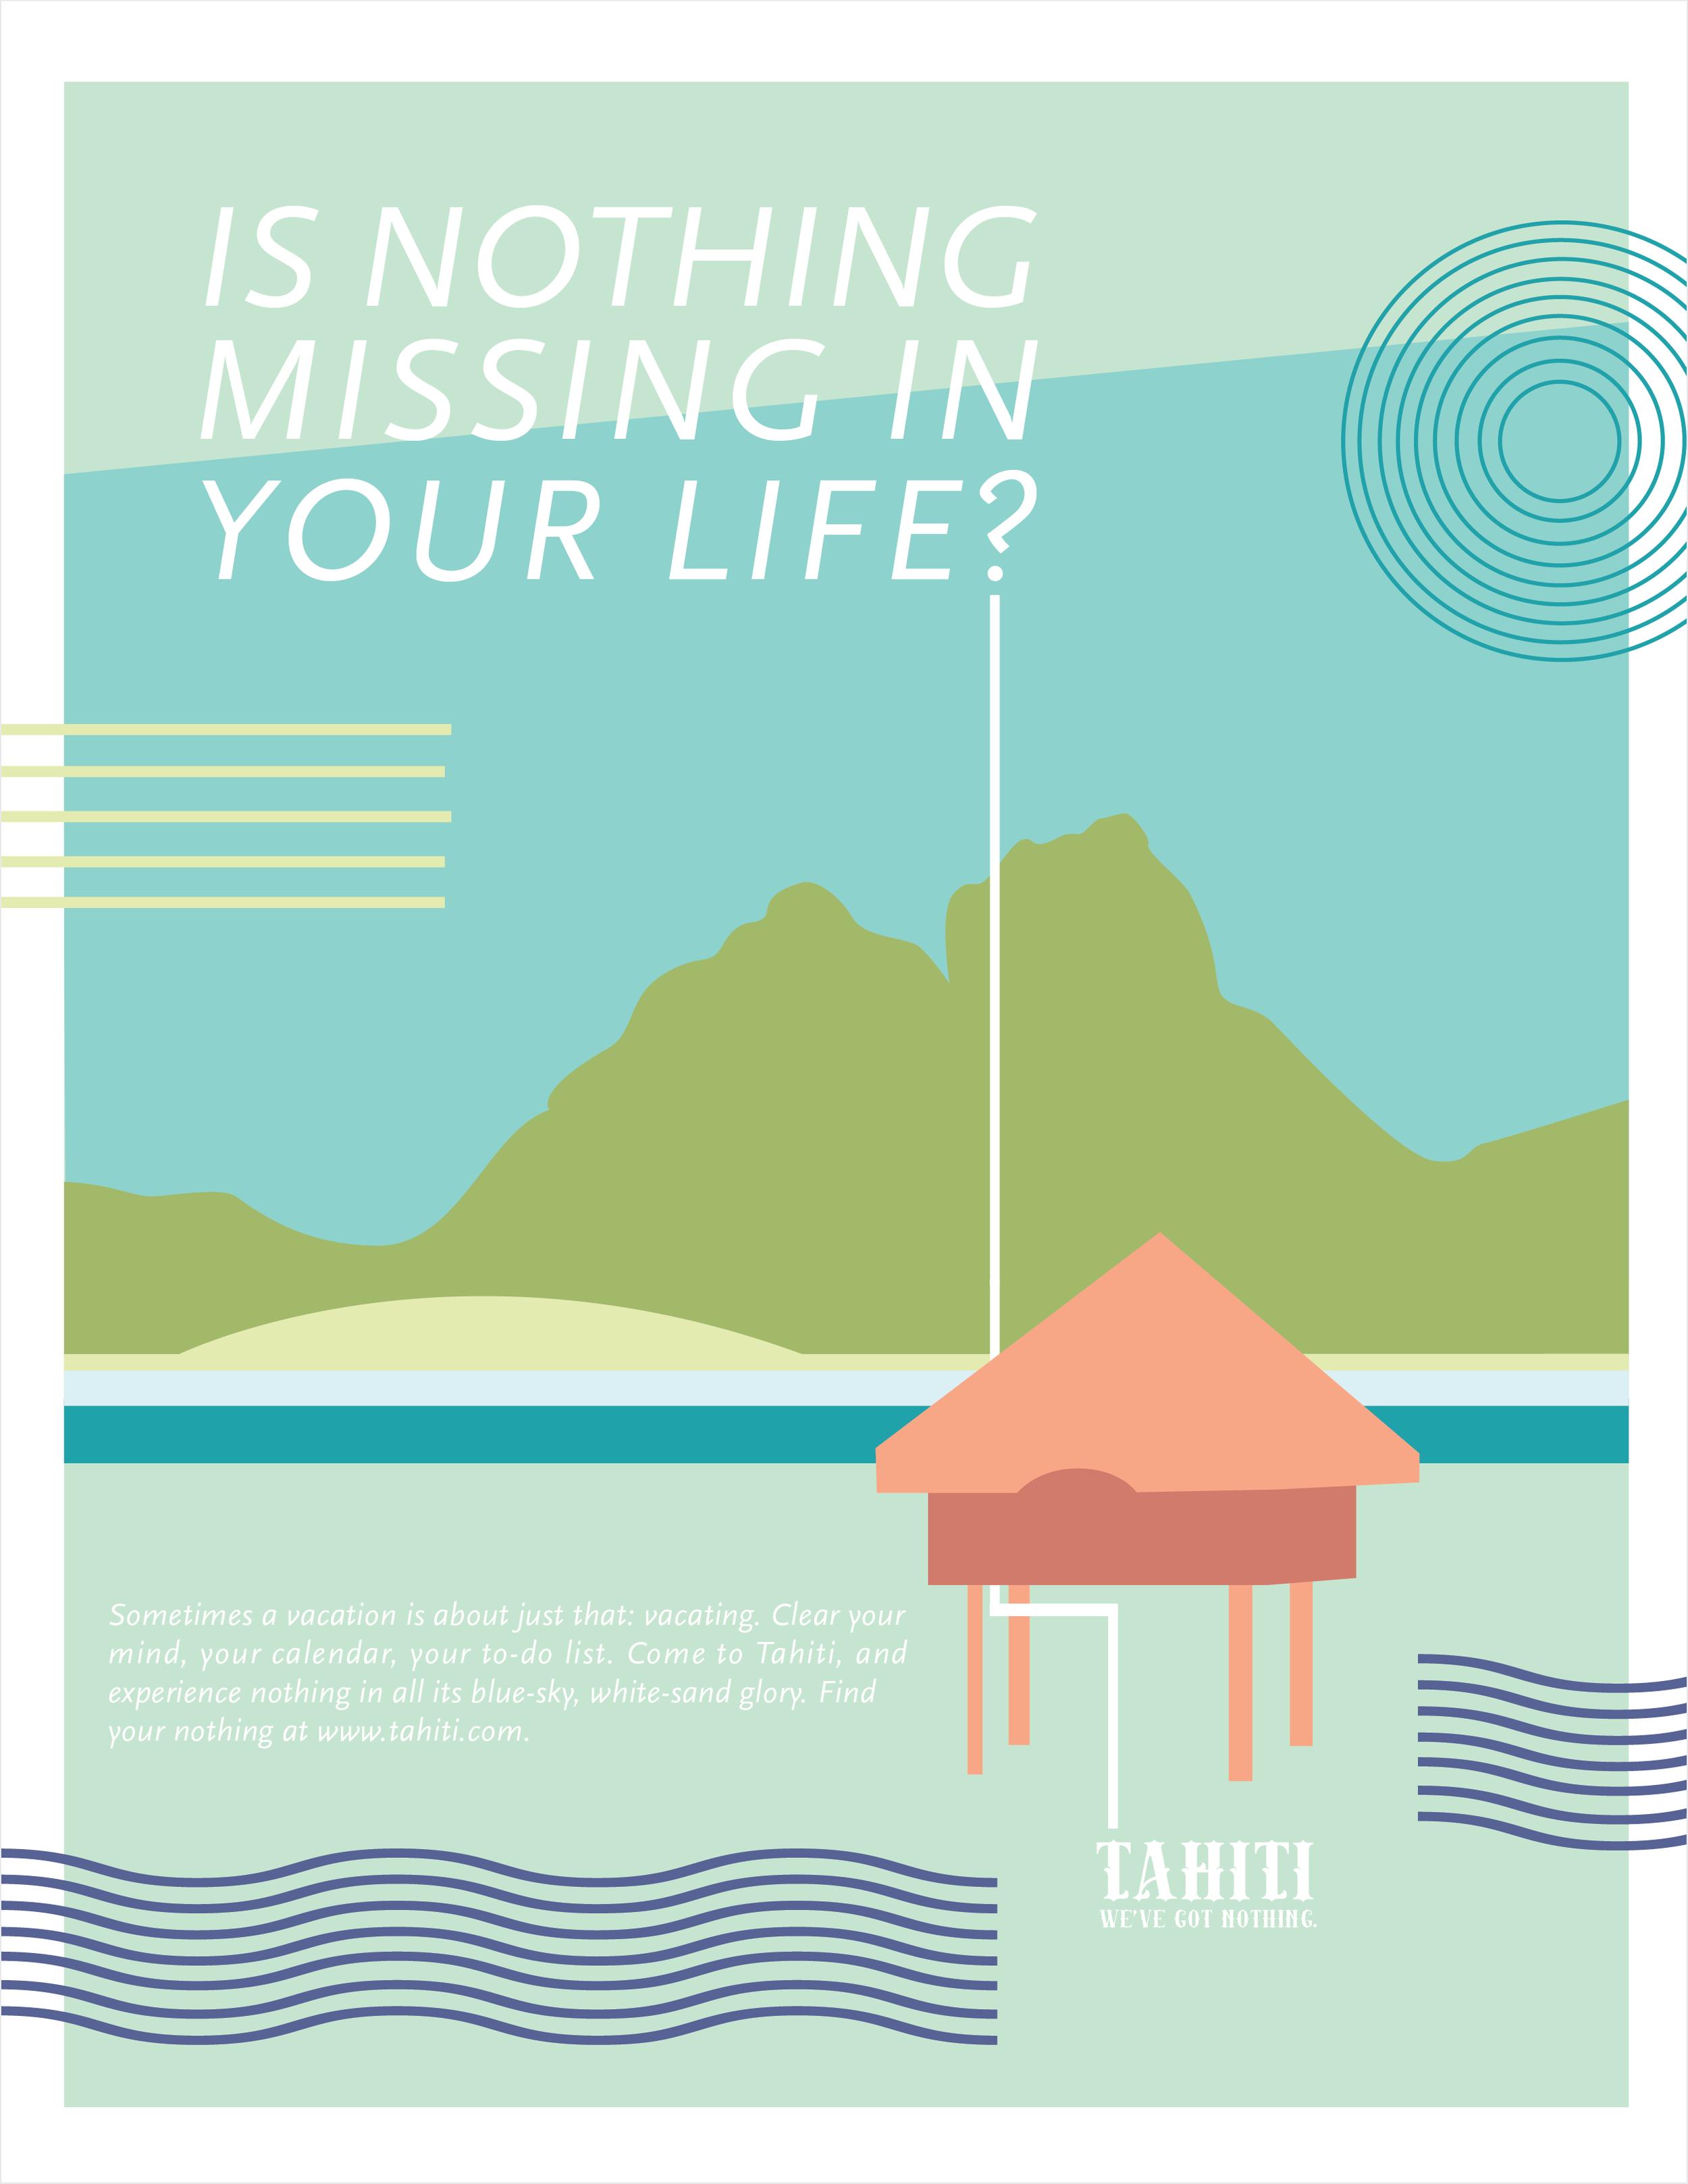 Tahiti Illustrative hut-04 final 080416-04.png